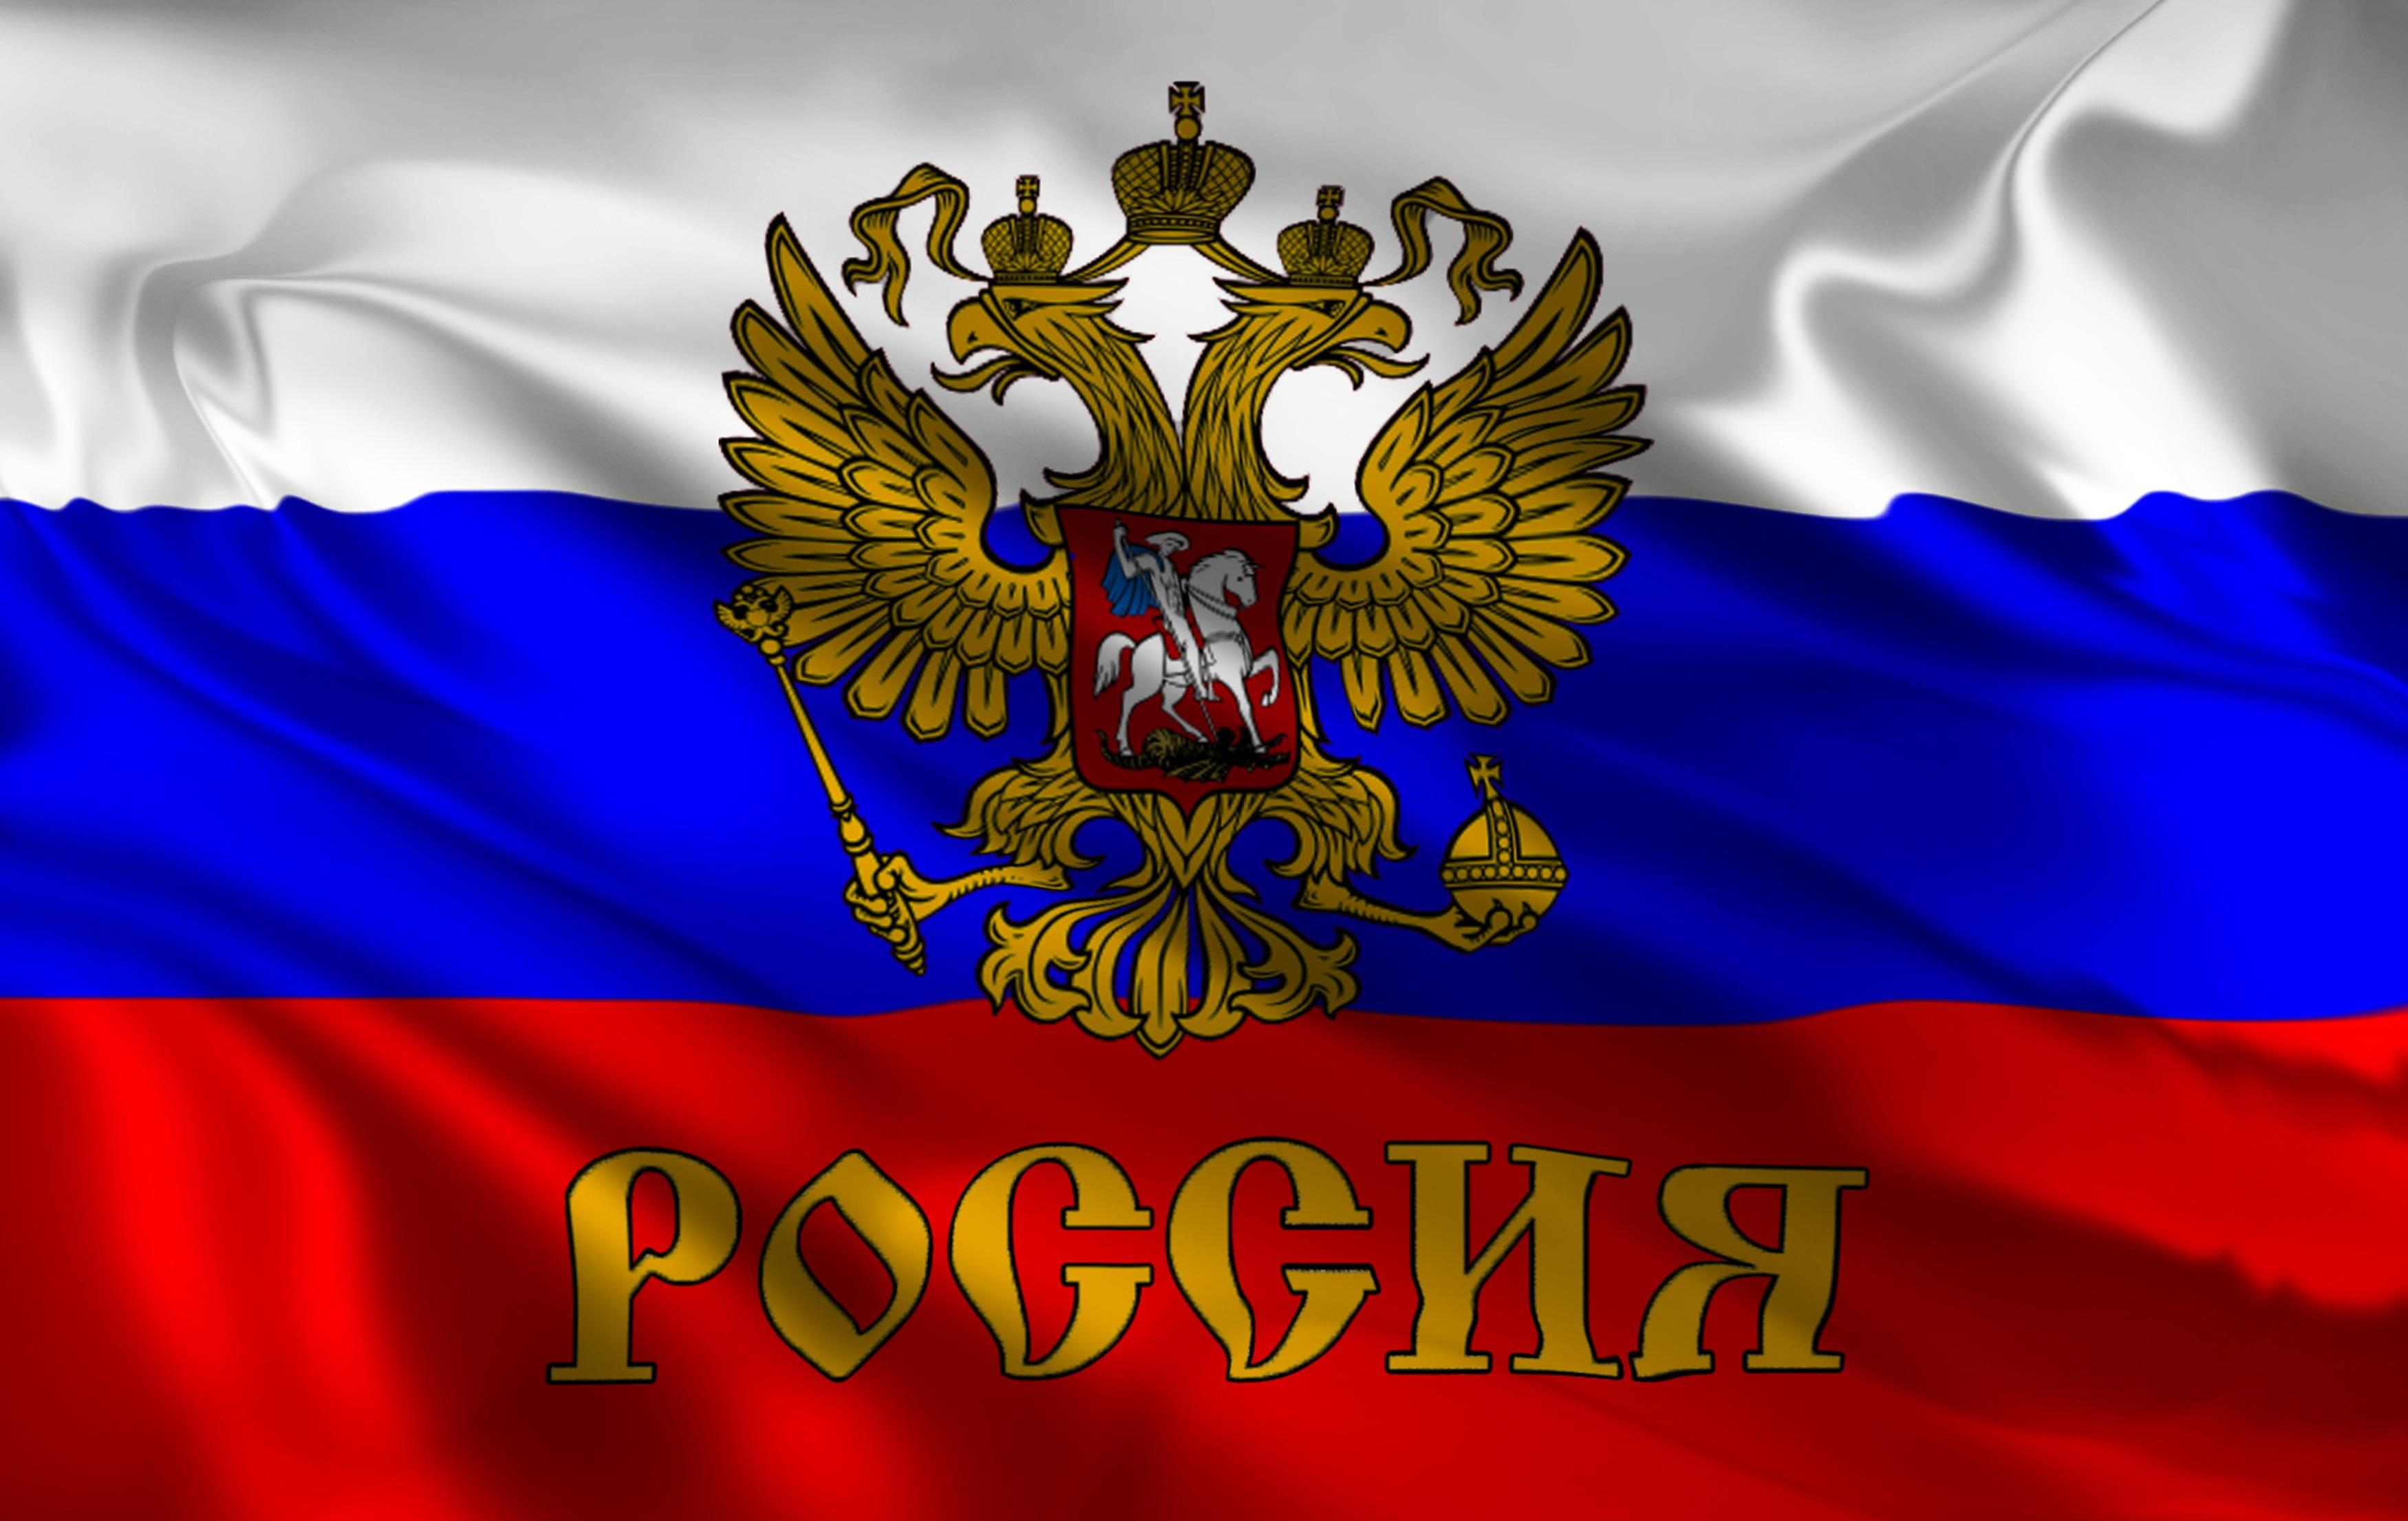 картинки флага россии с гербом на рабочий стол расположение отеля